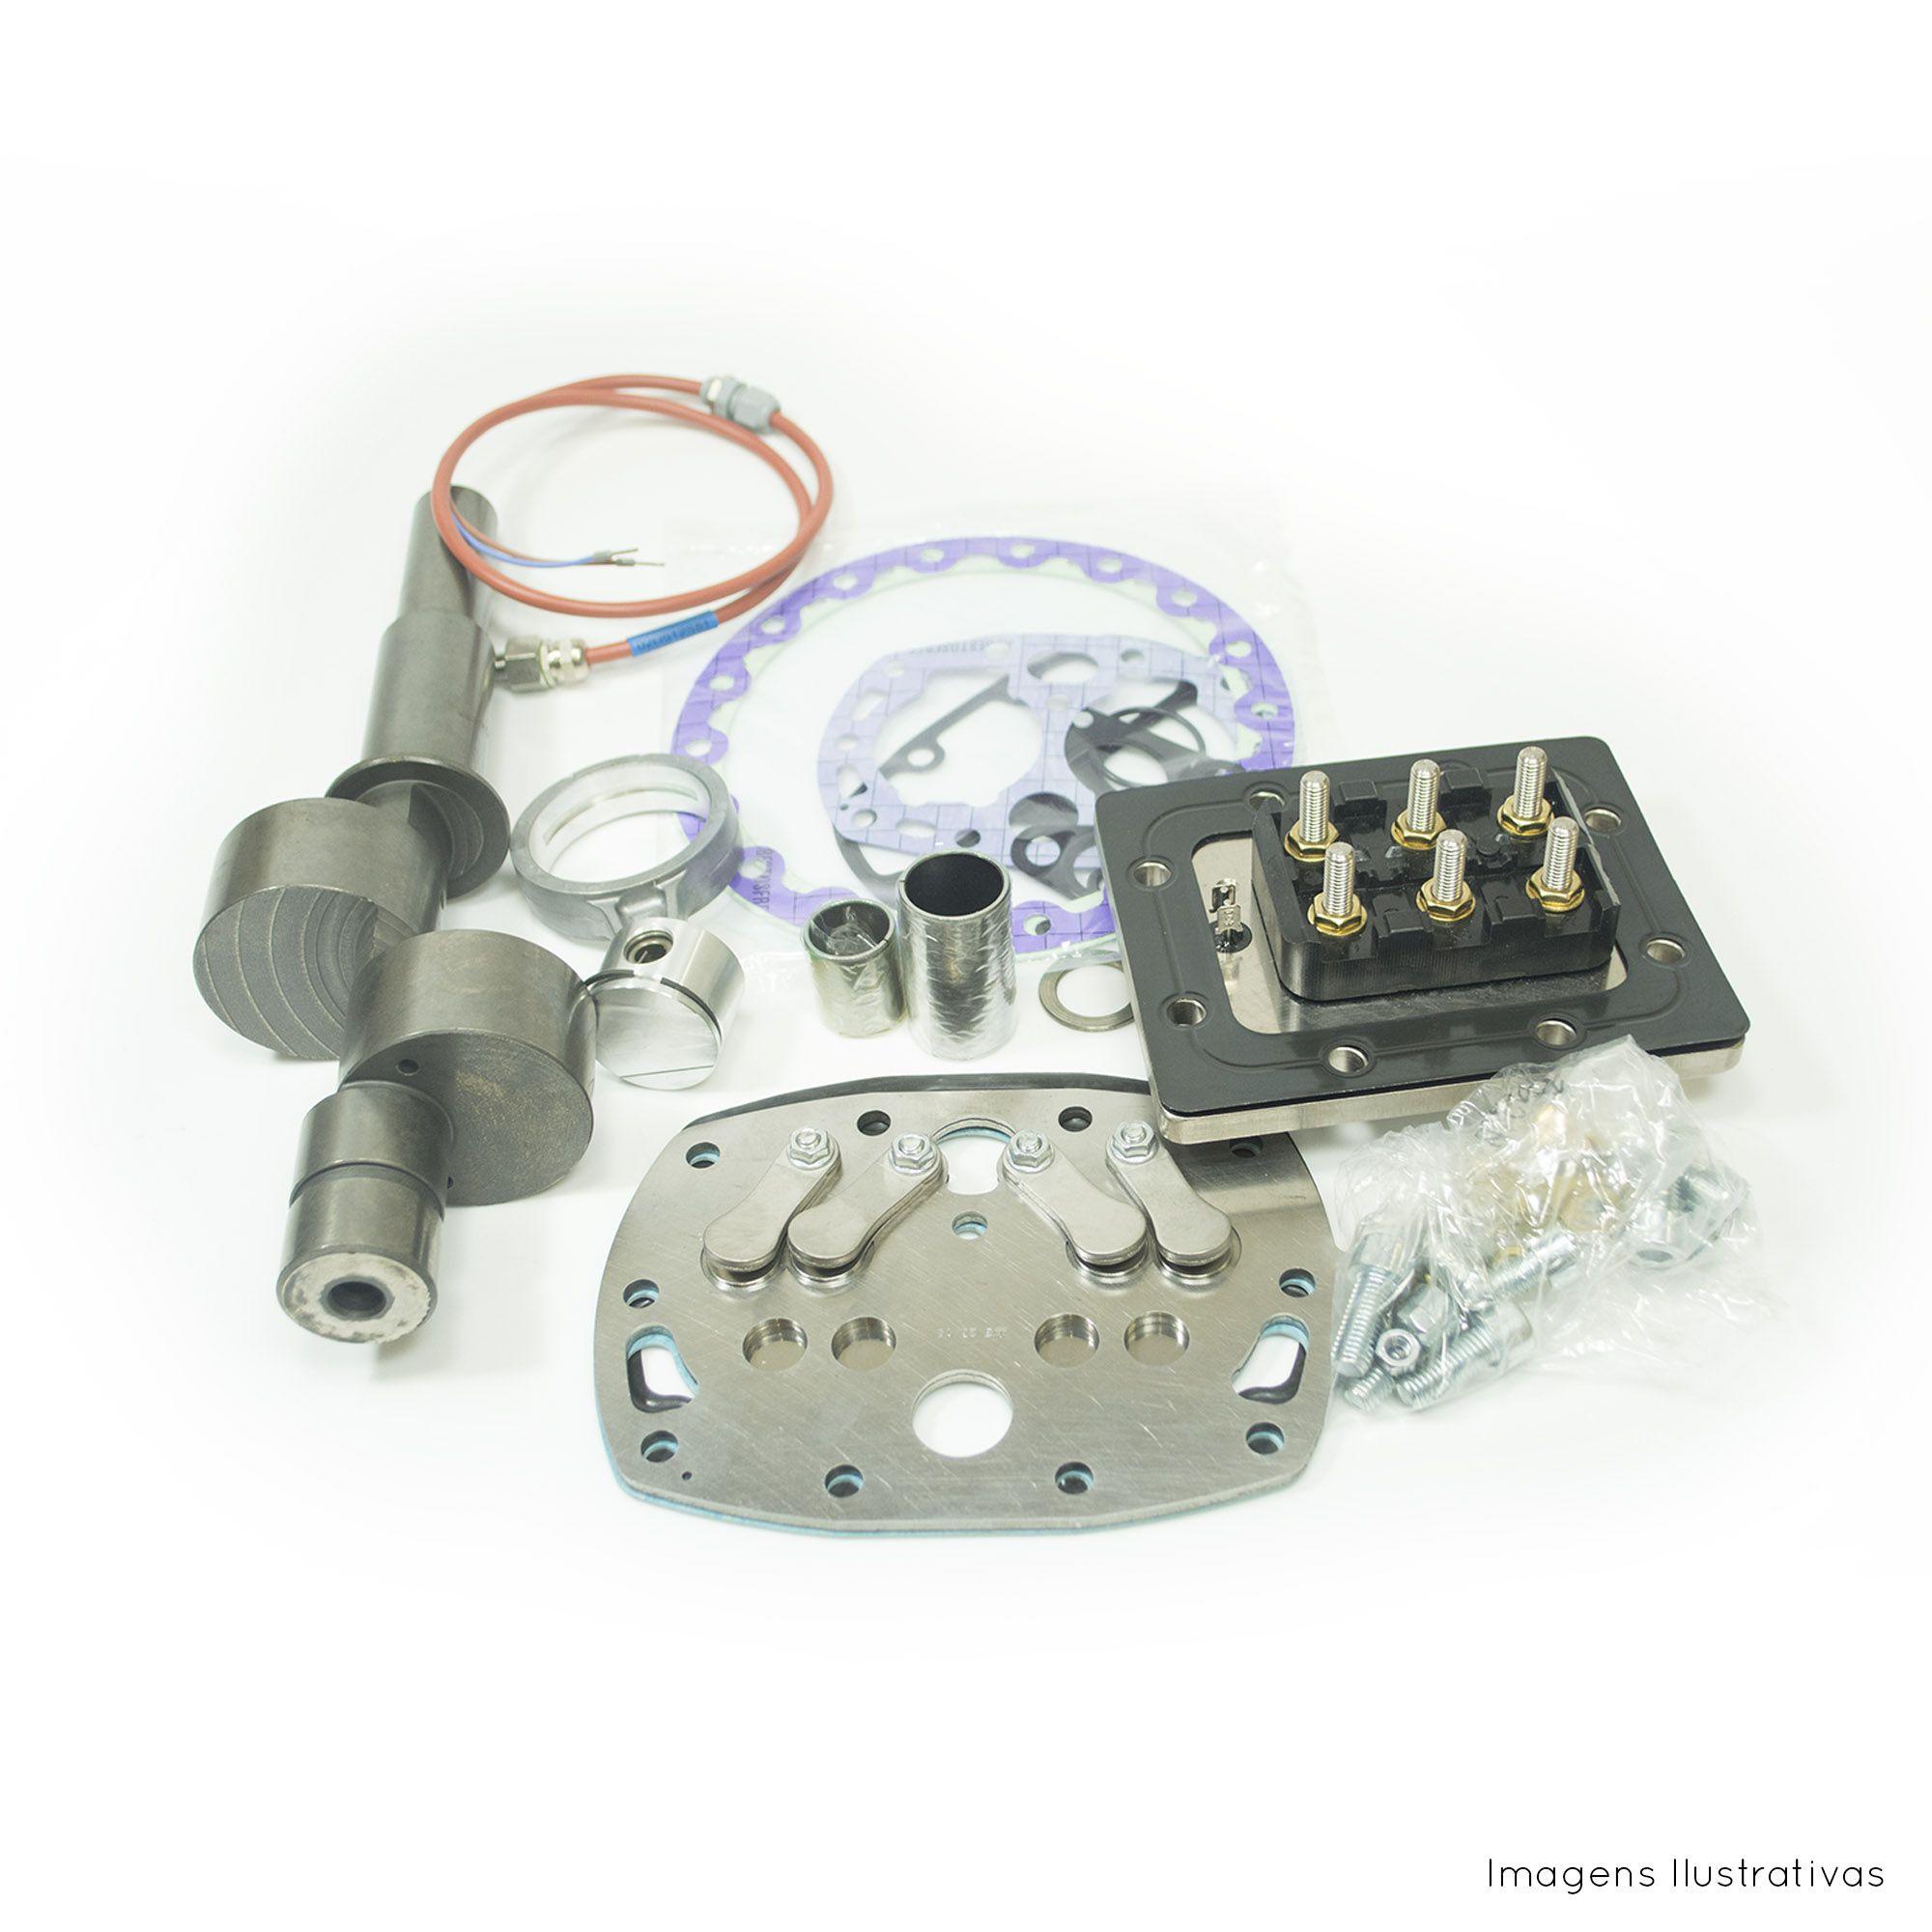 Sistema de Resfriamento do Cabeçote - 810-10084